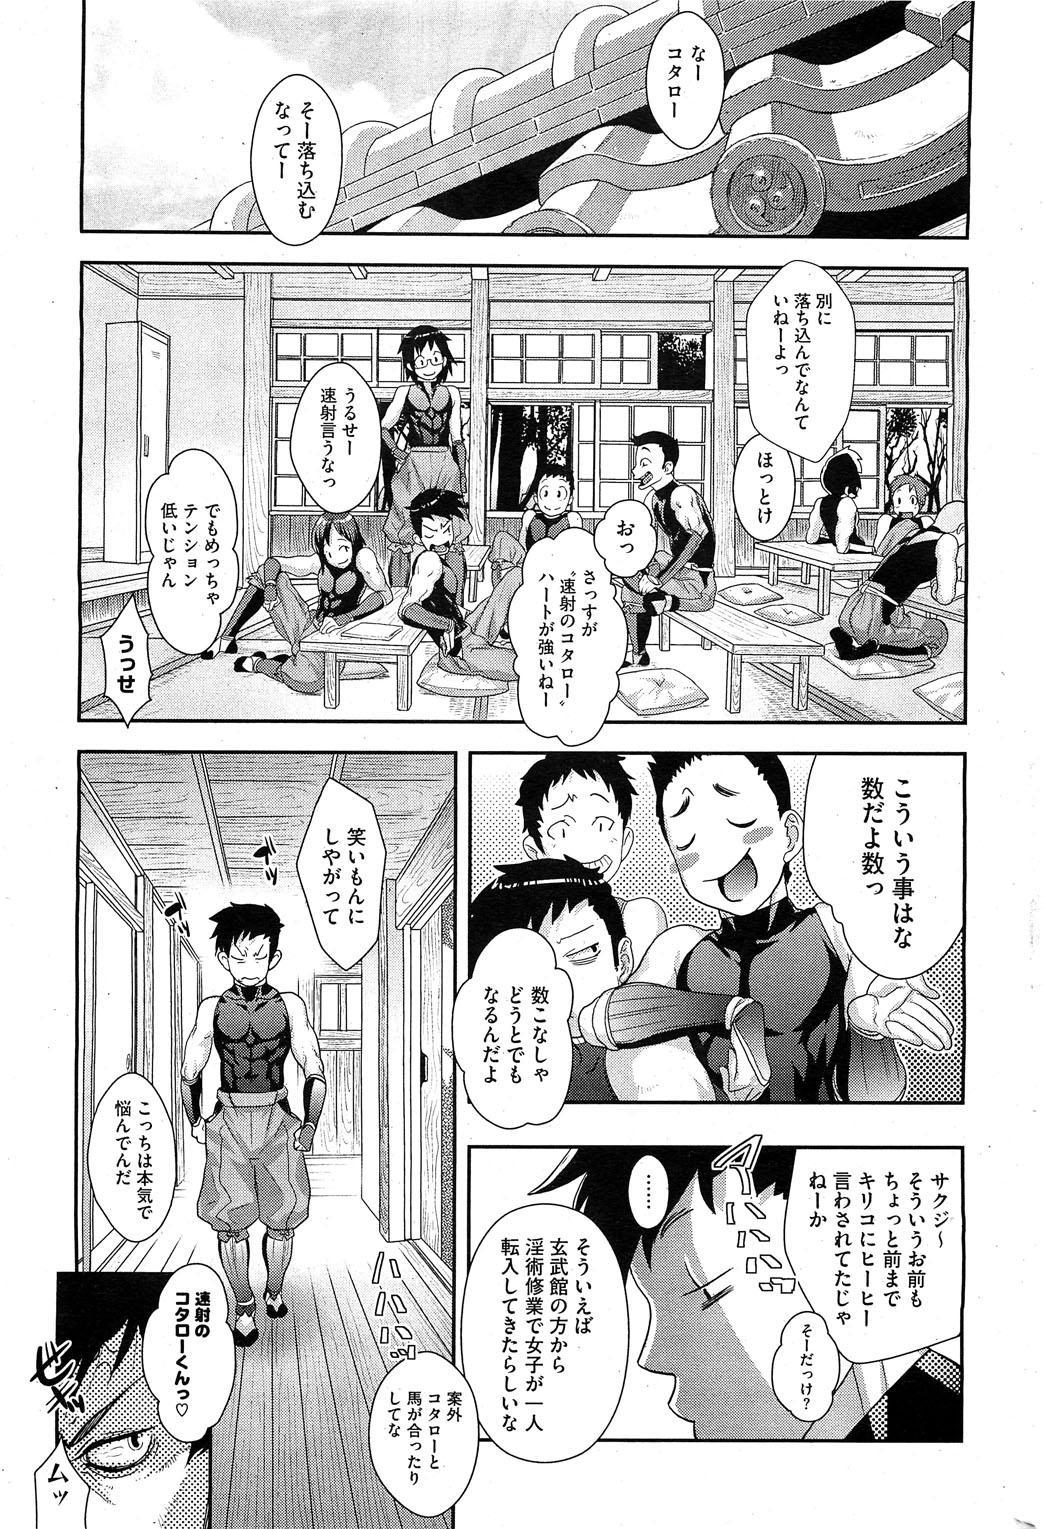 Shinobi no Bi Ch. 1-4 6